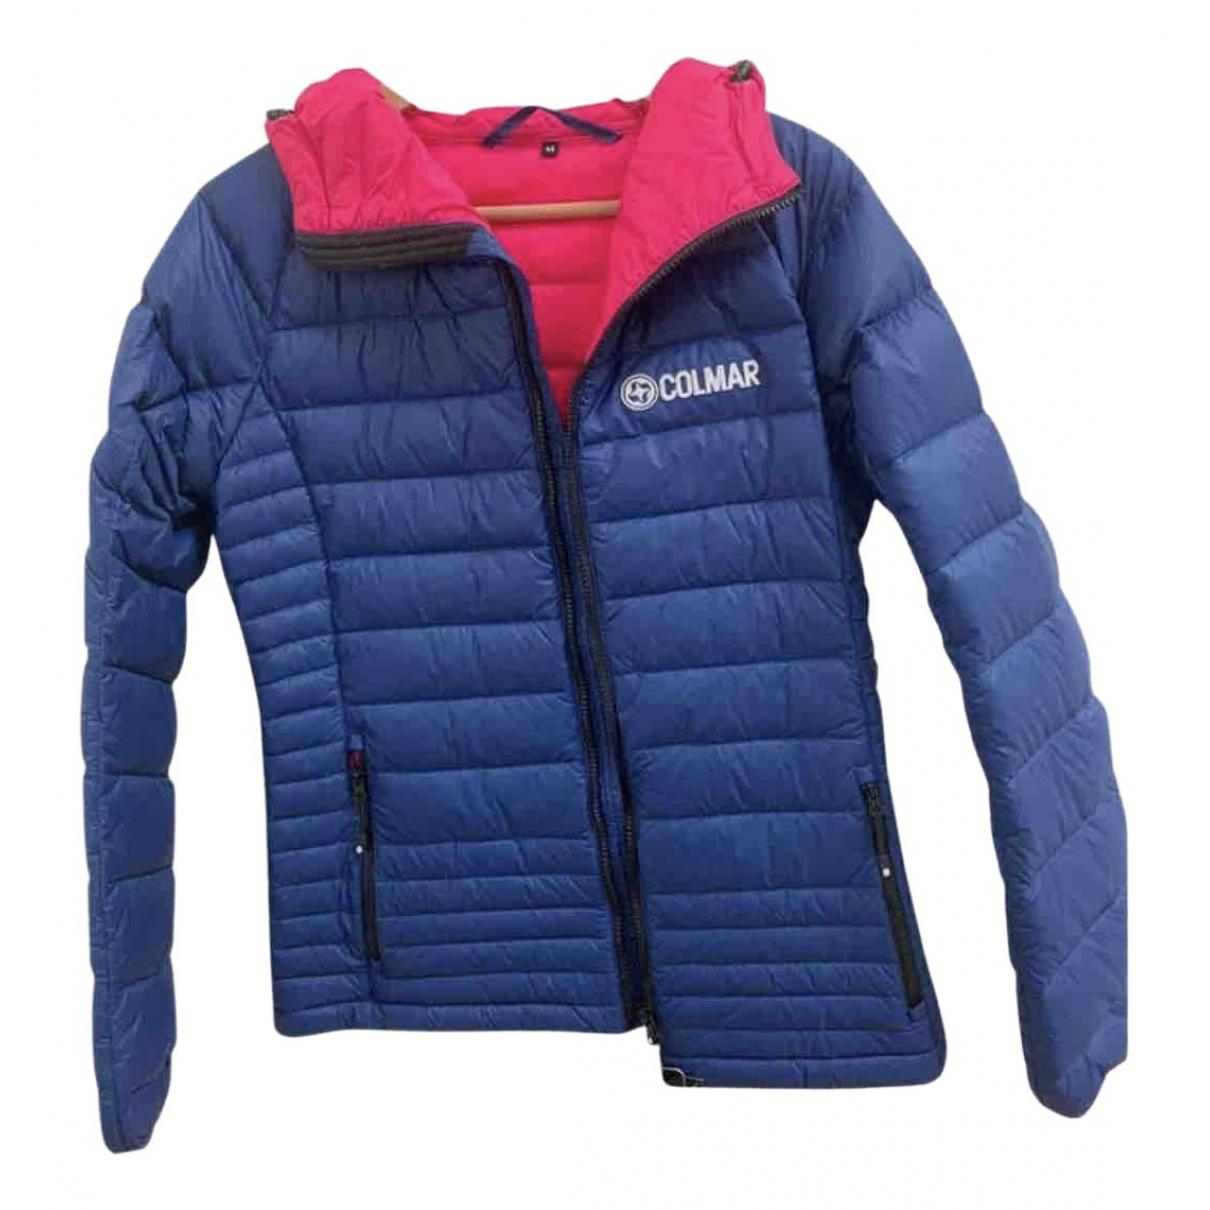 Colmar \N Blue jacket for Women 44 IT